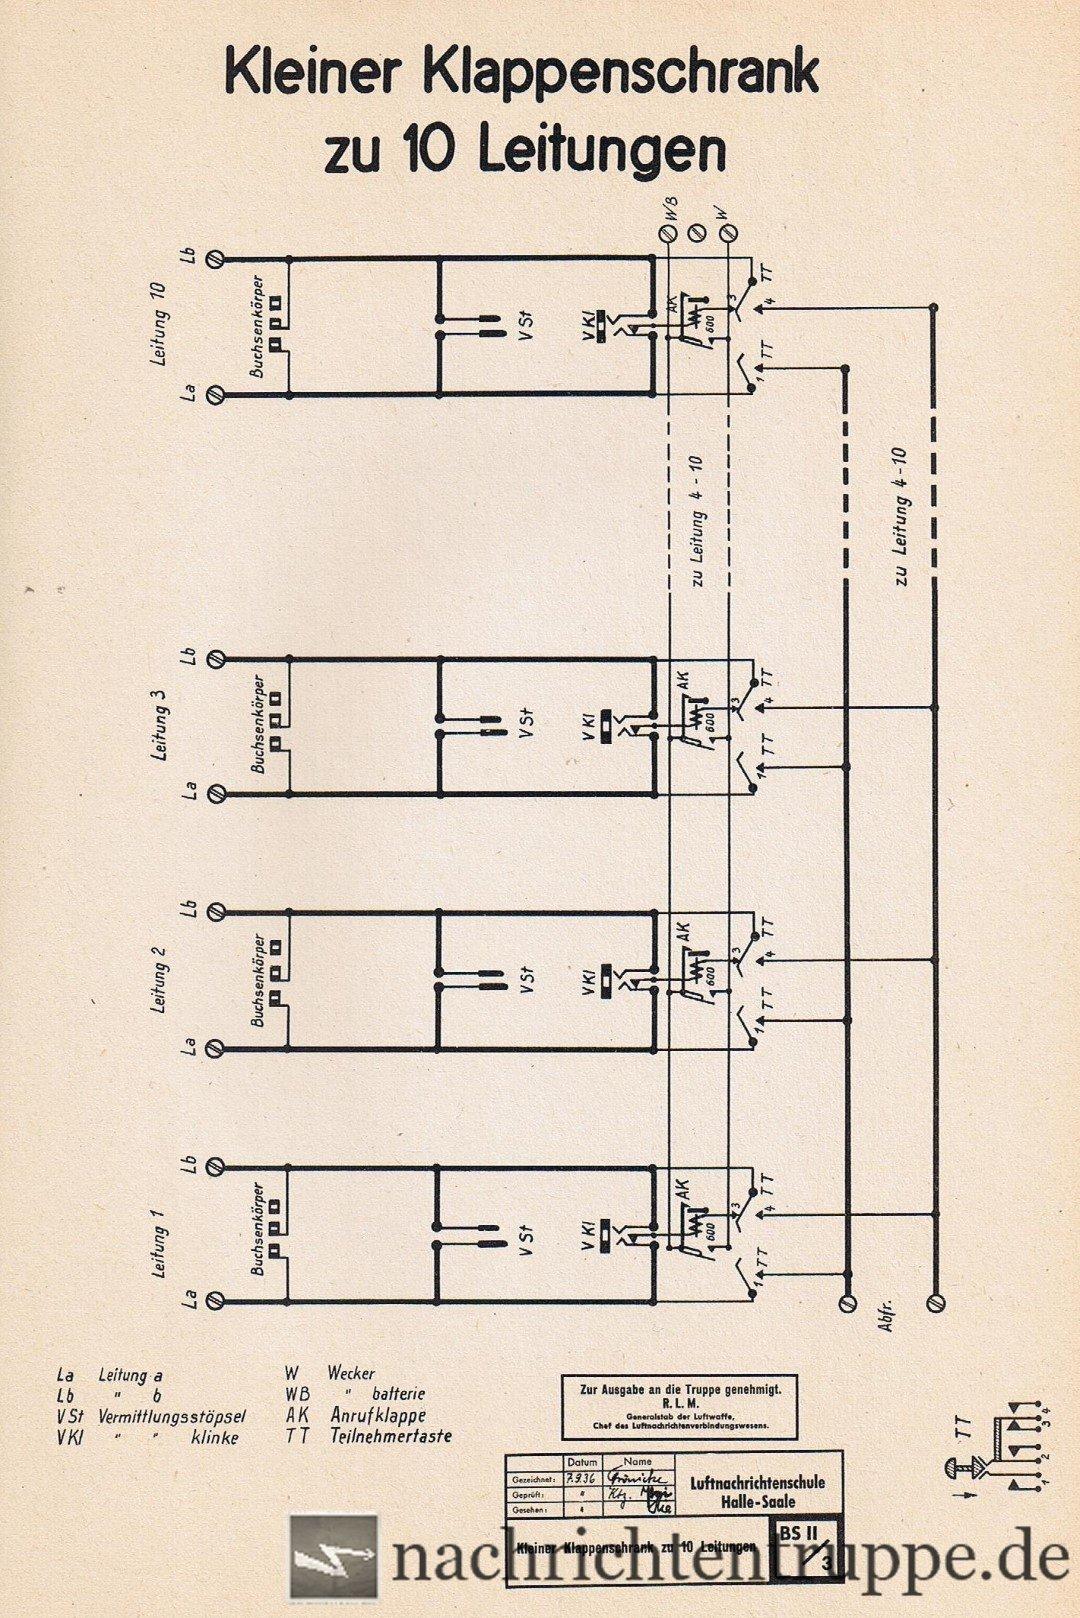 Kleiner Klappenschrank zu 10 Leitungen - Stromlaufplan - Die ...